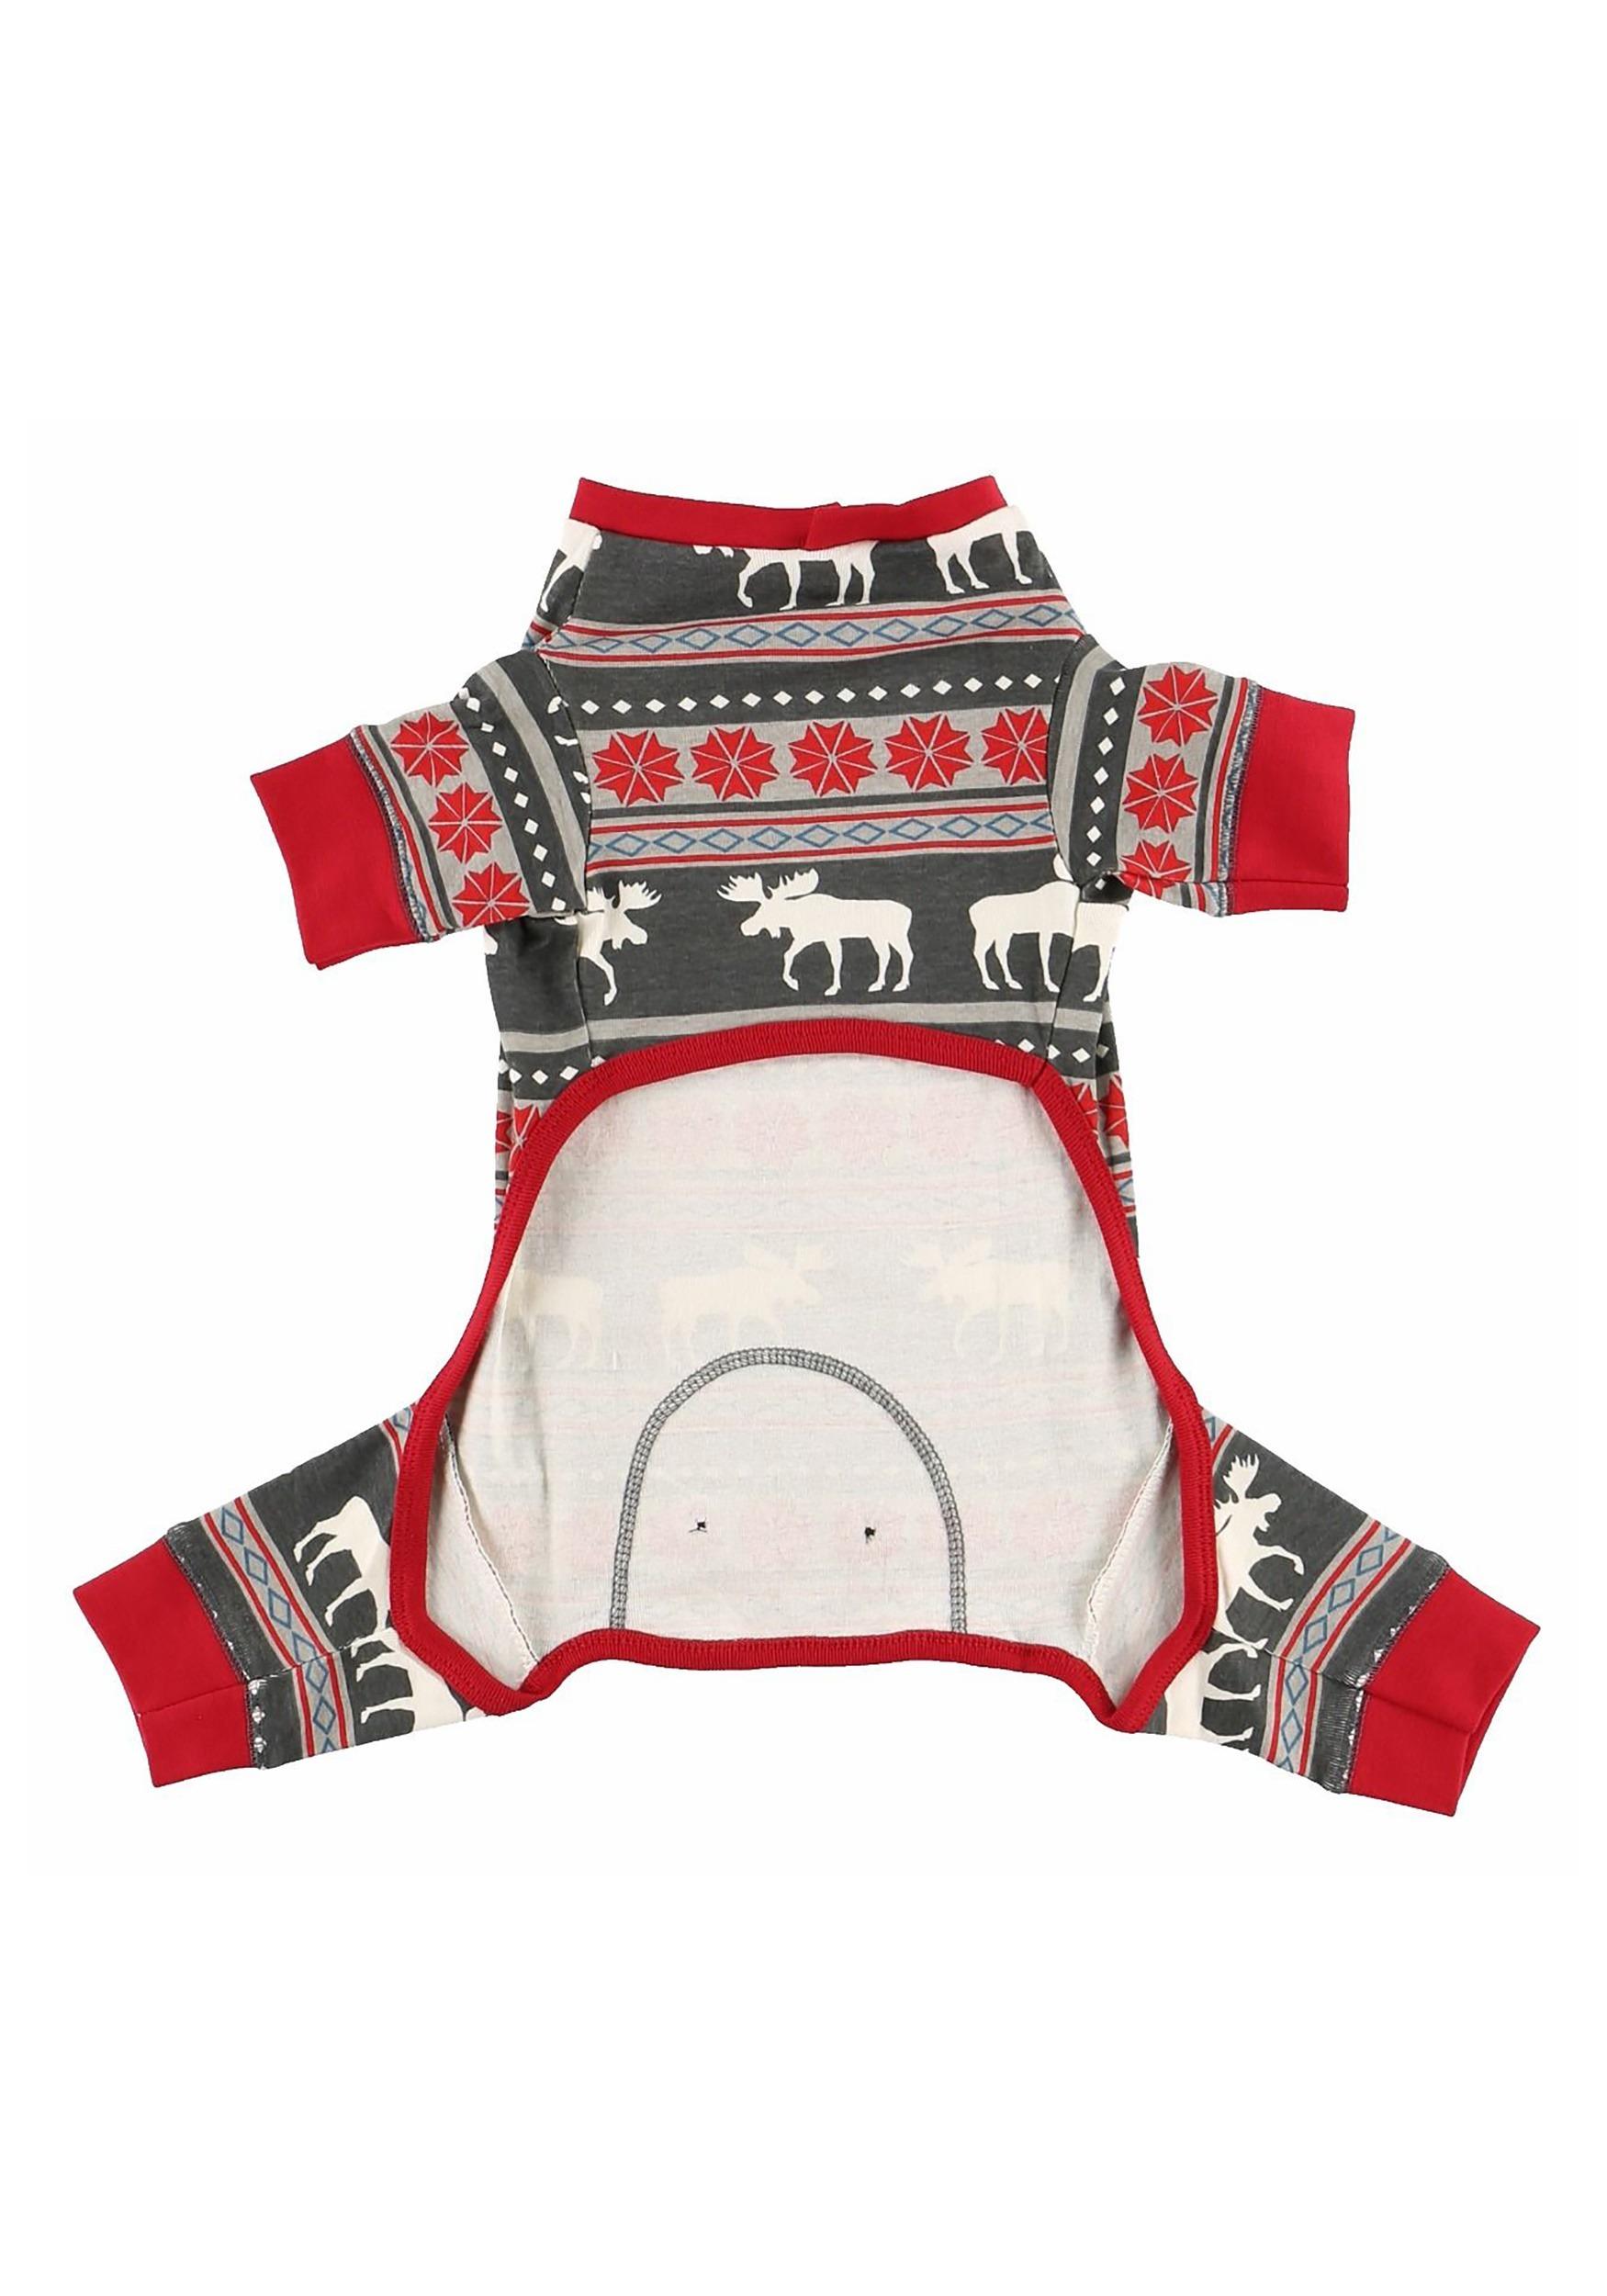 Moose Fair Isle Pattern Dog Pajama Flapjacks Alt2 c63103200